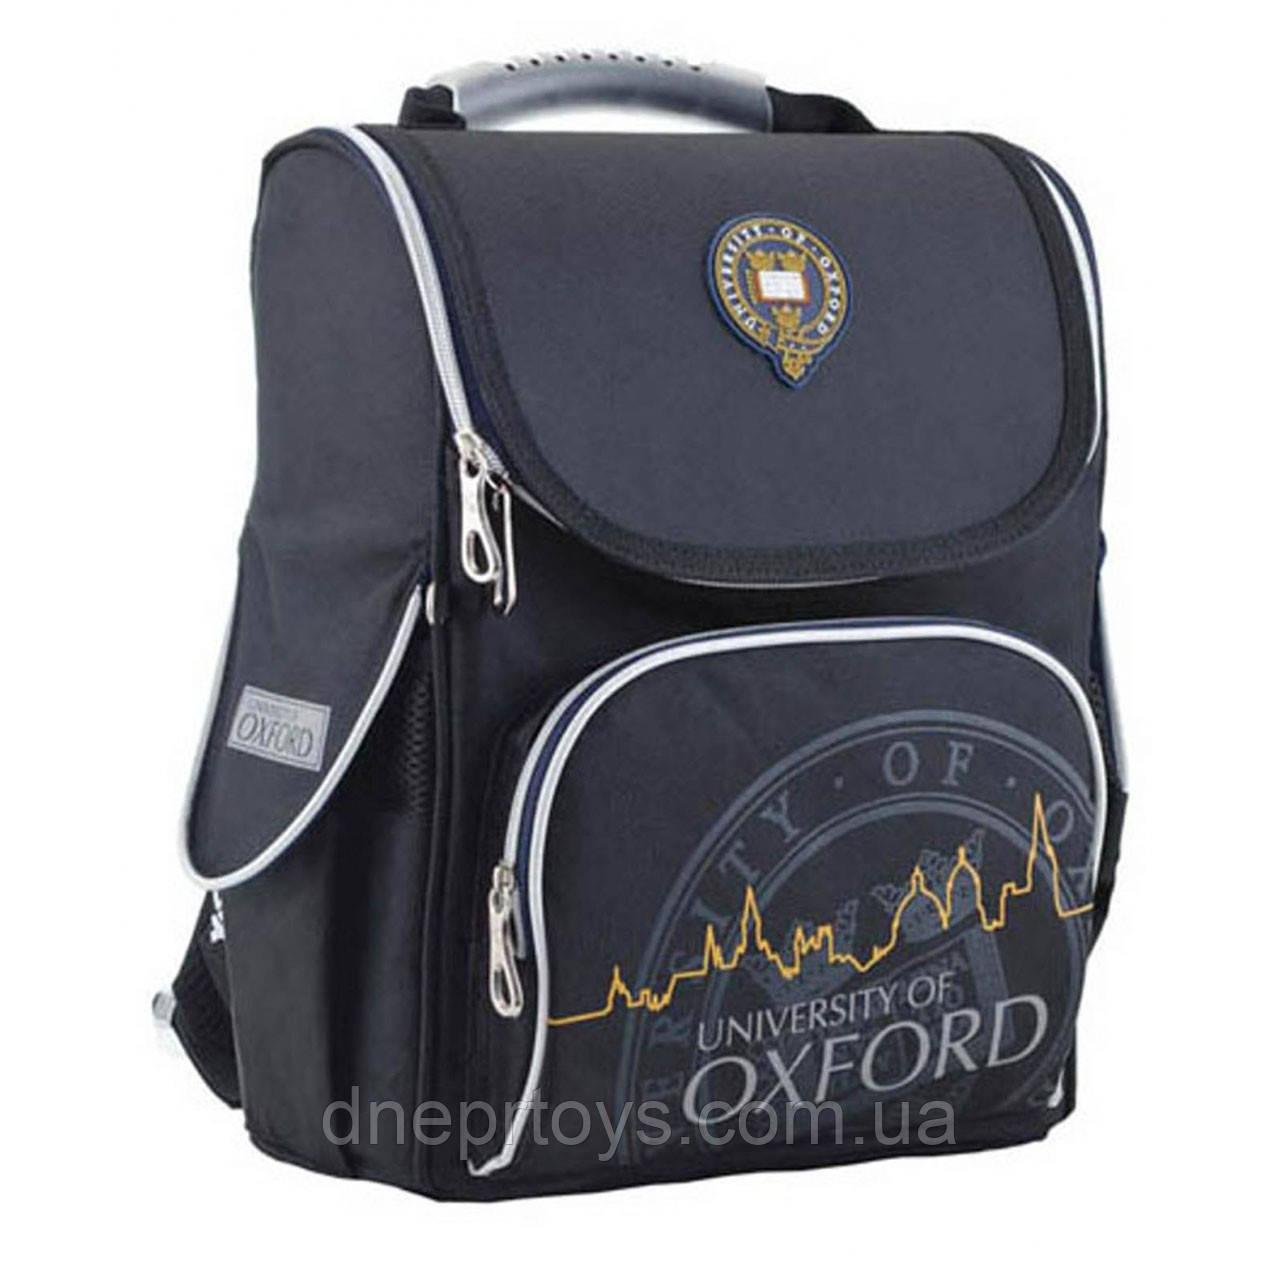 Рюкзак школьный каркасный YES H-11 Oxford black (553294)